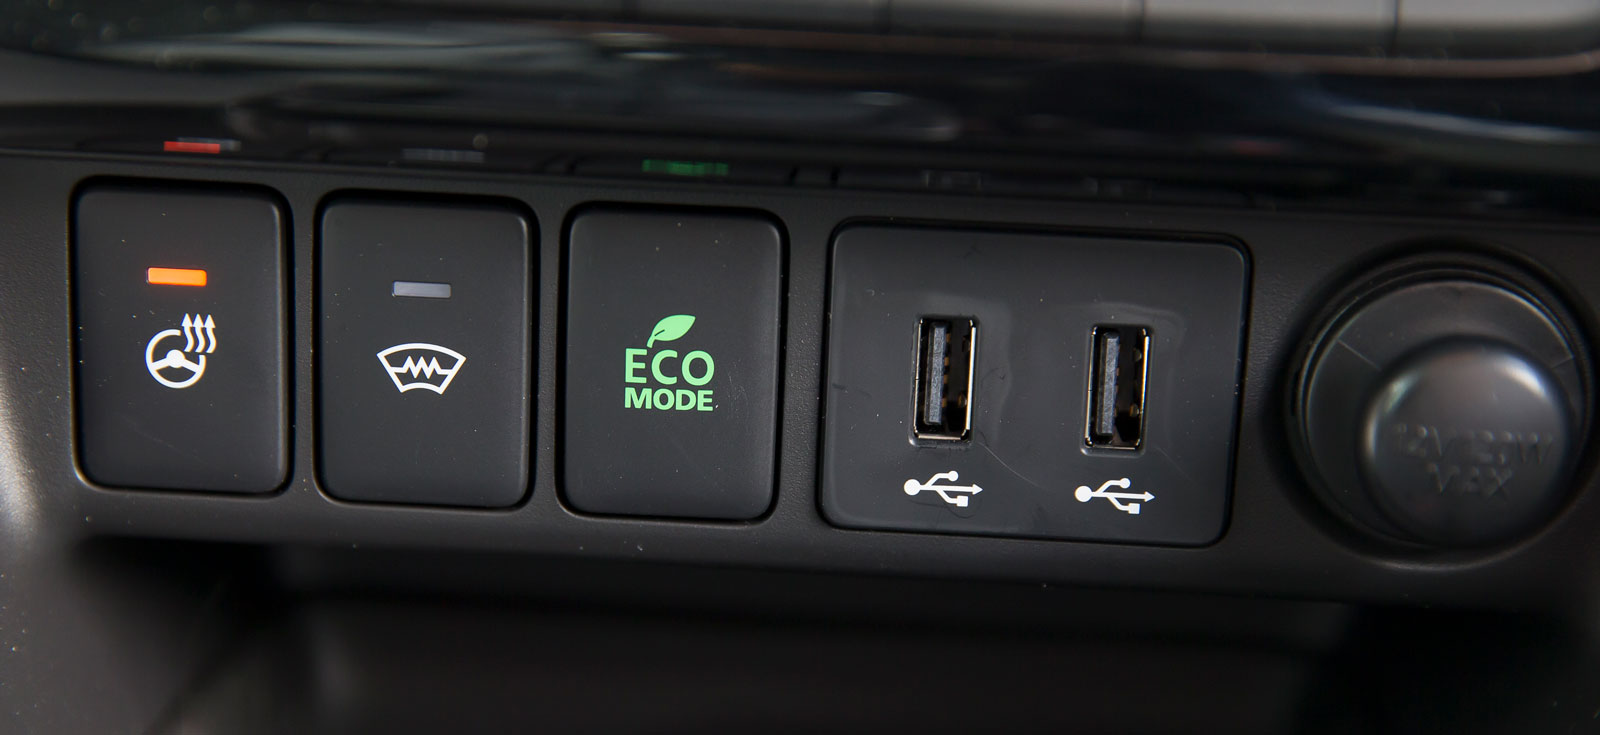 Rattvärme och elvärmd vindruta (knapparna t v) är standard. Eco-läge finns för den som vill spara dyra bränsledroppar.